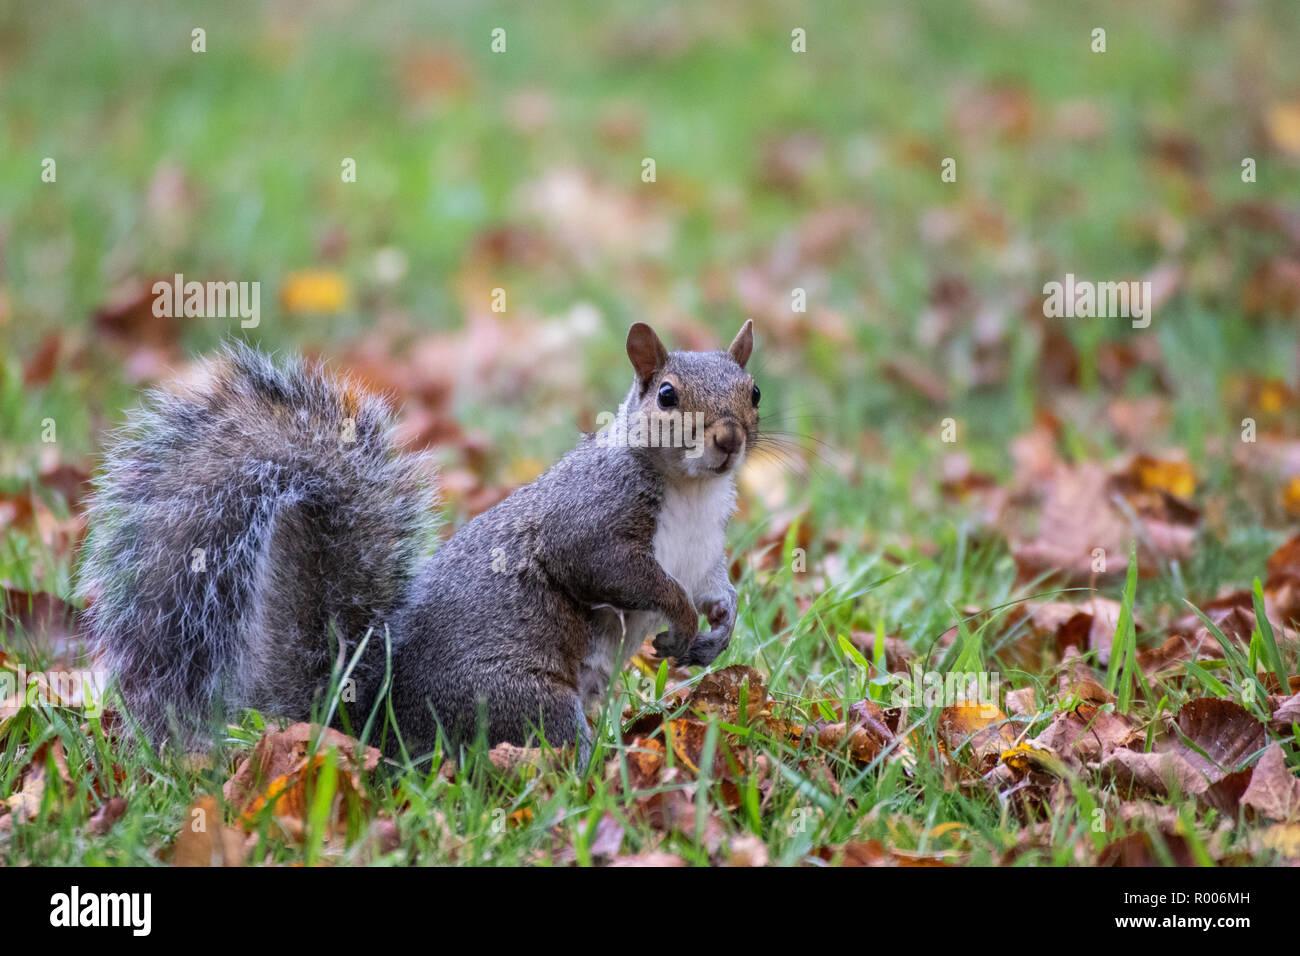 Una ardilla gris otoño hojas marrones Foto de stock